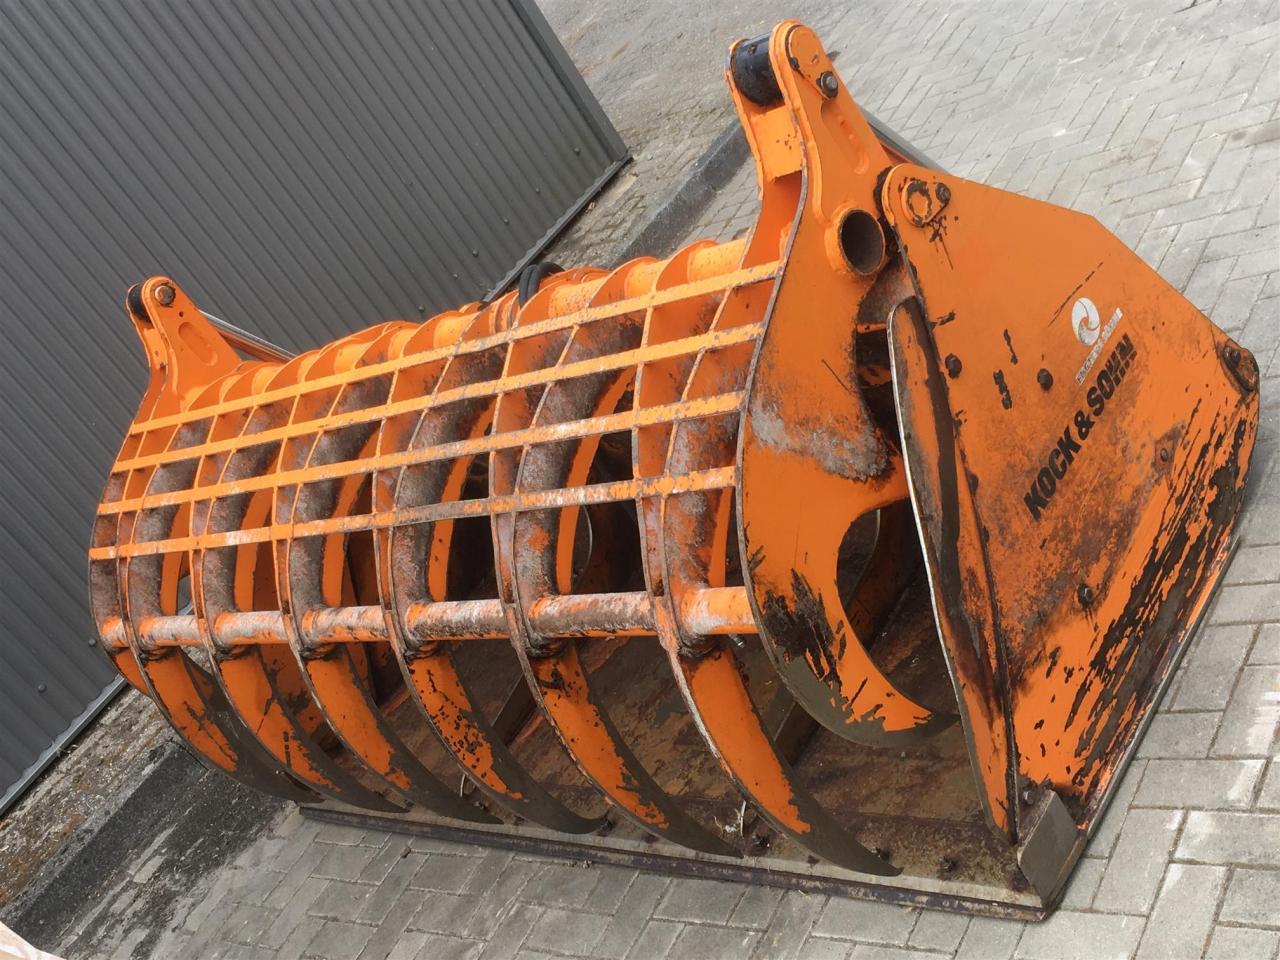 Kock & Sohn 2400 XL